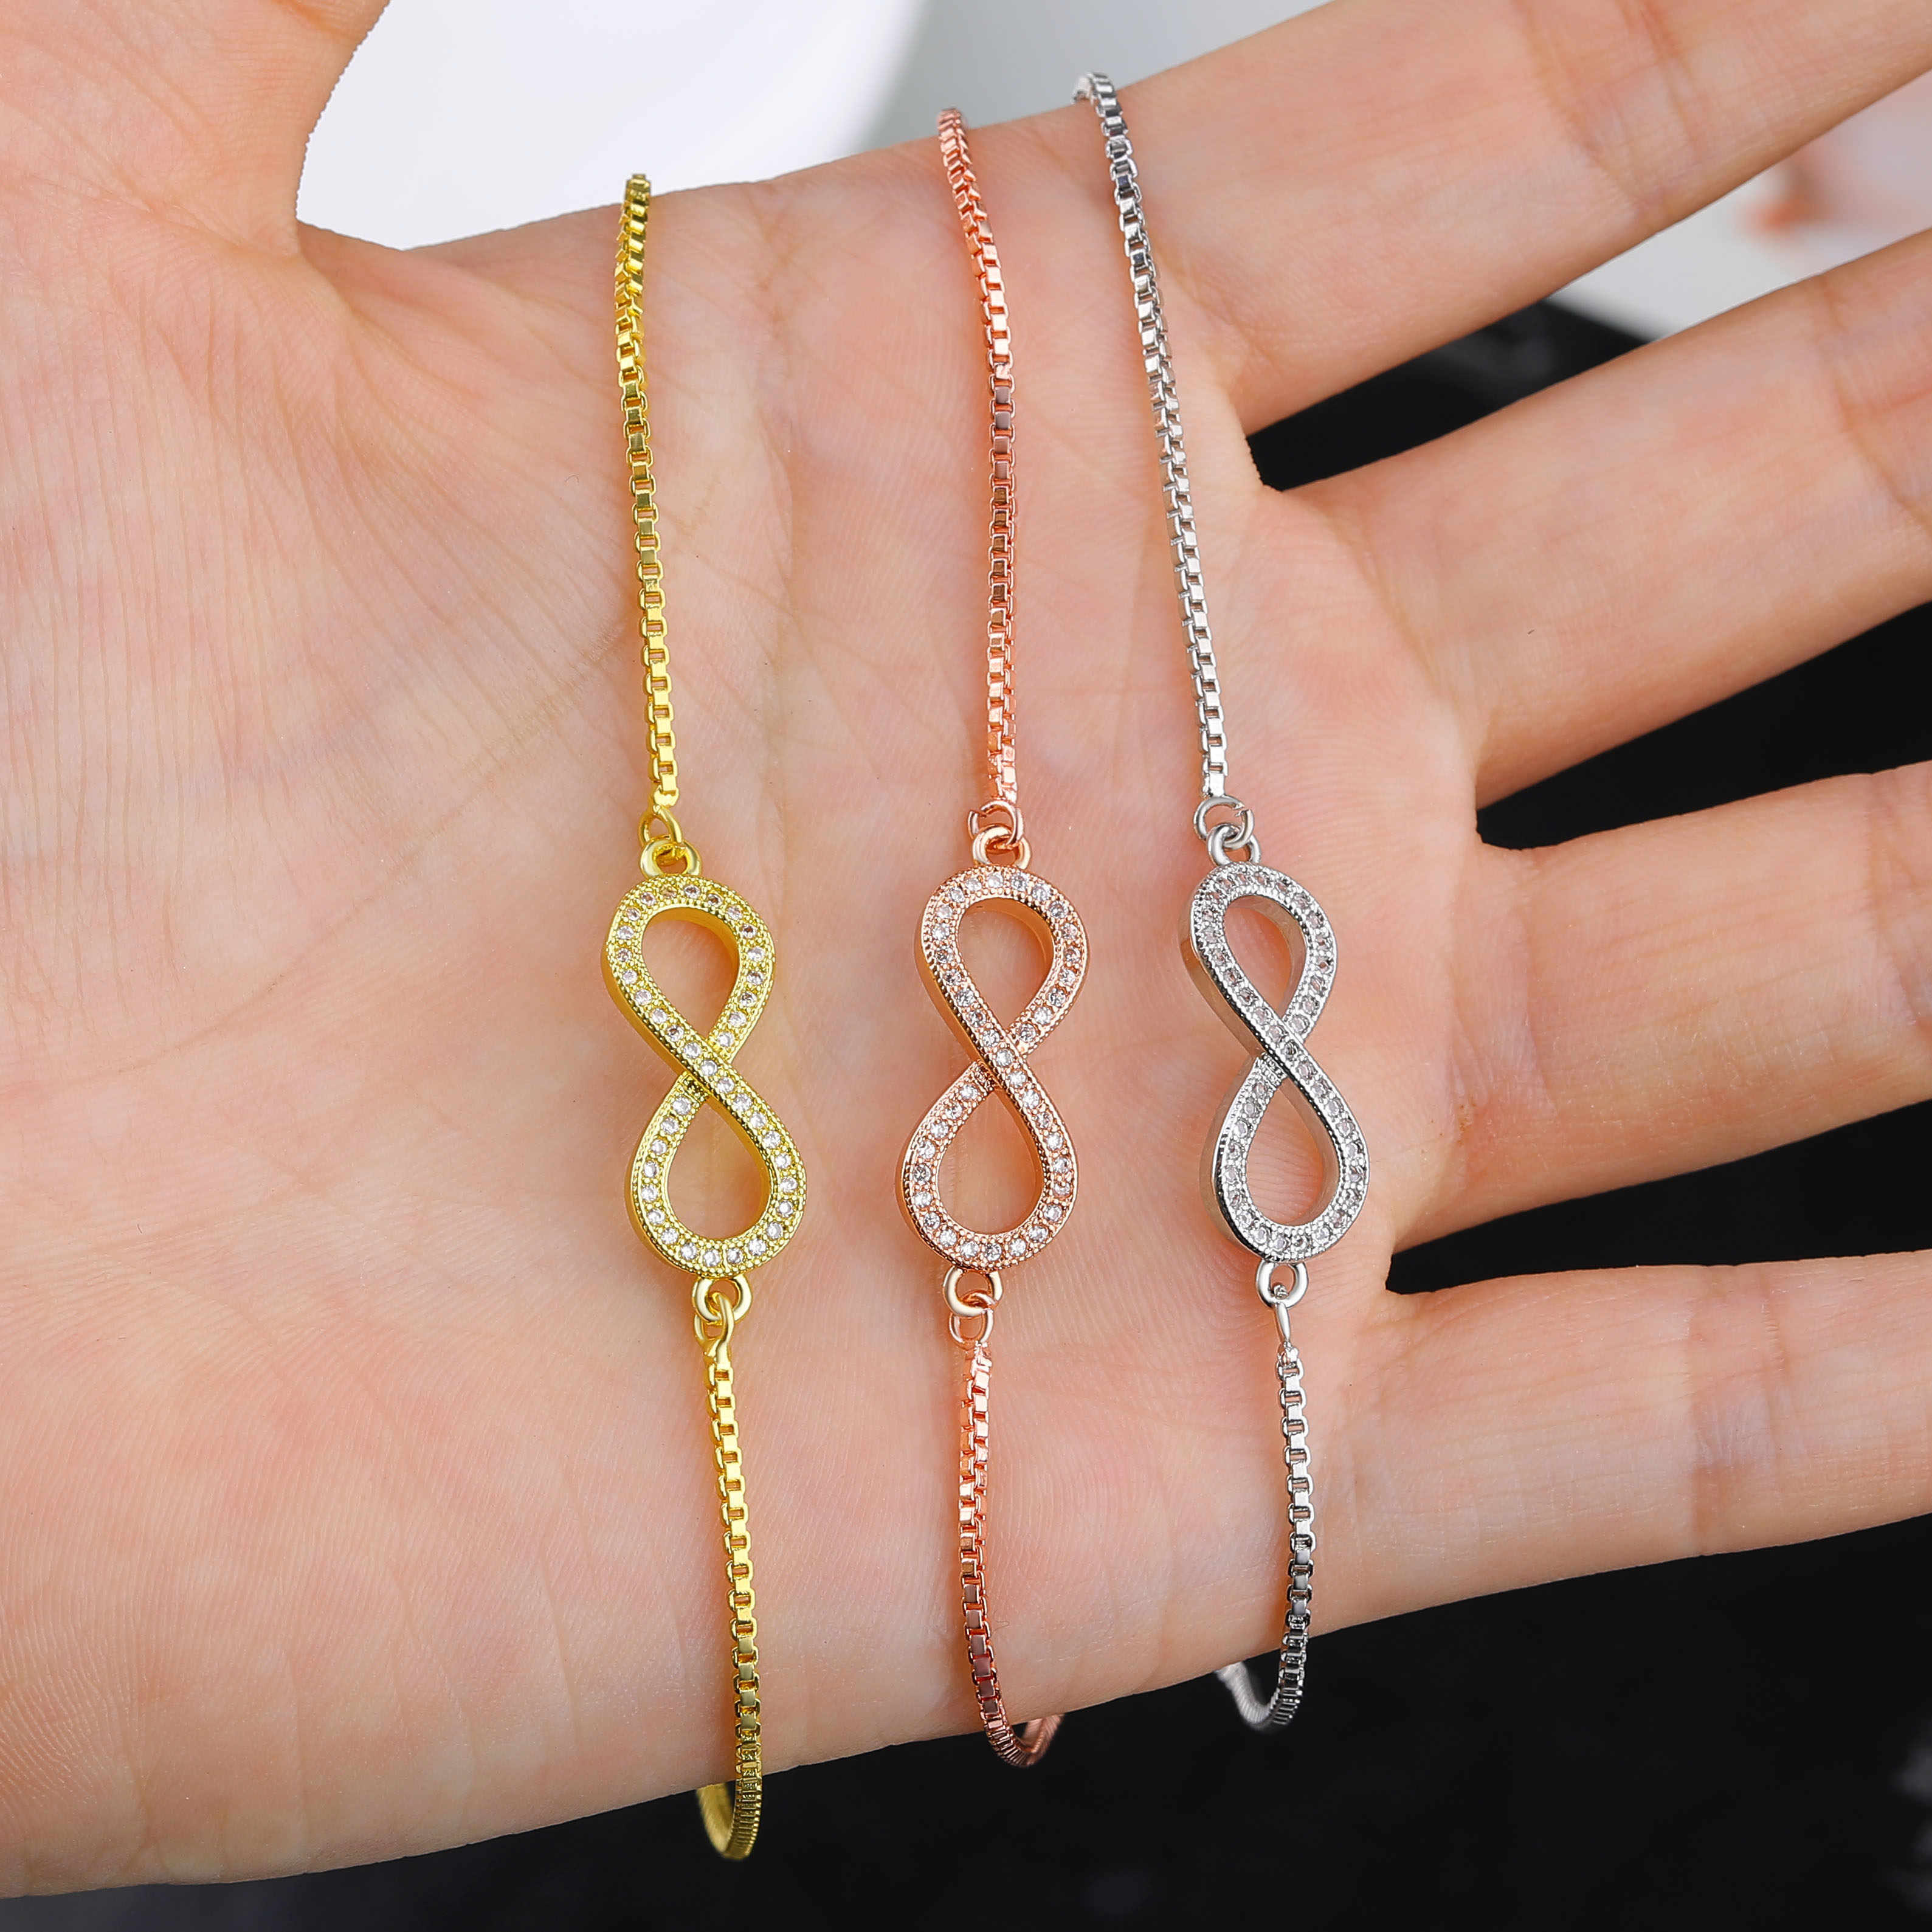 JUWANG kryształowe bransoletki regulowane nieskończoność uroku bransoletki dla kobiety różowe złoto biżuteria prezenty